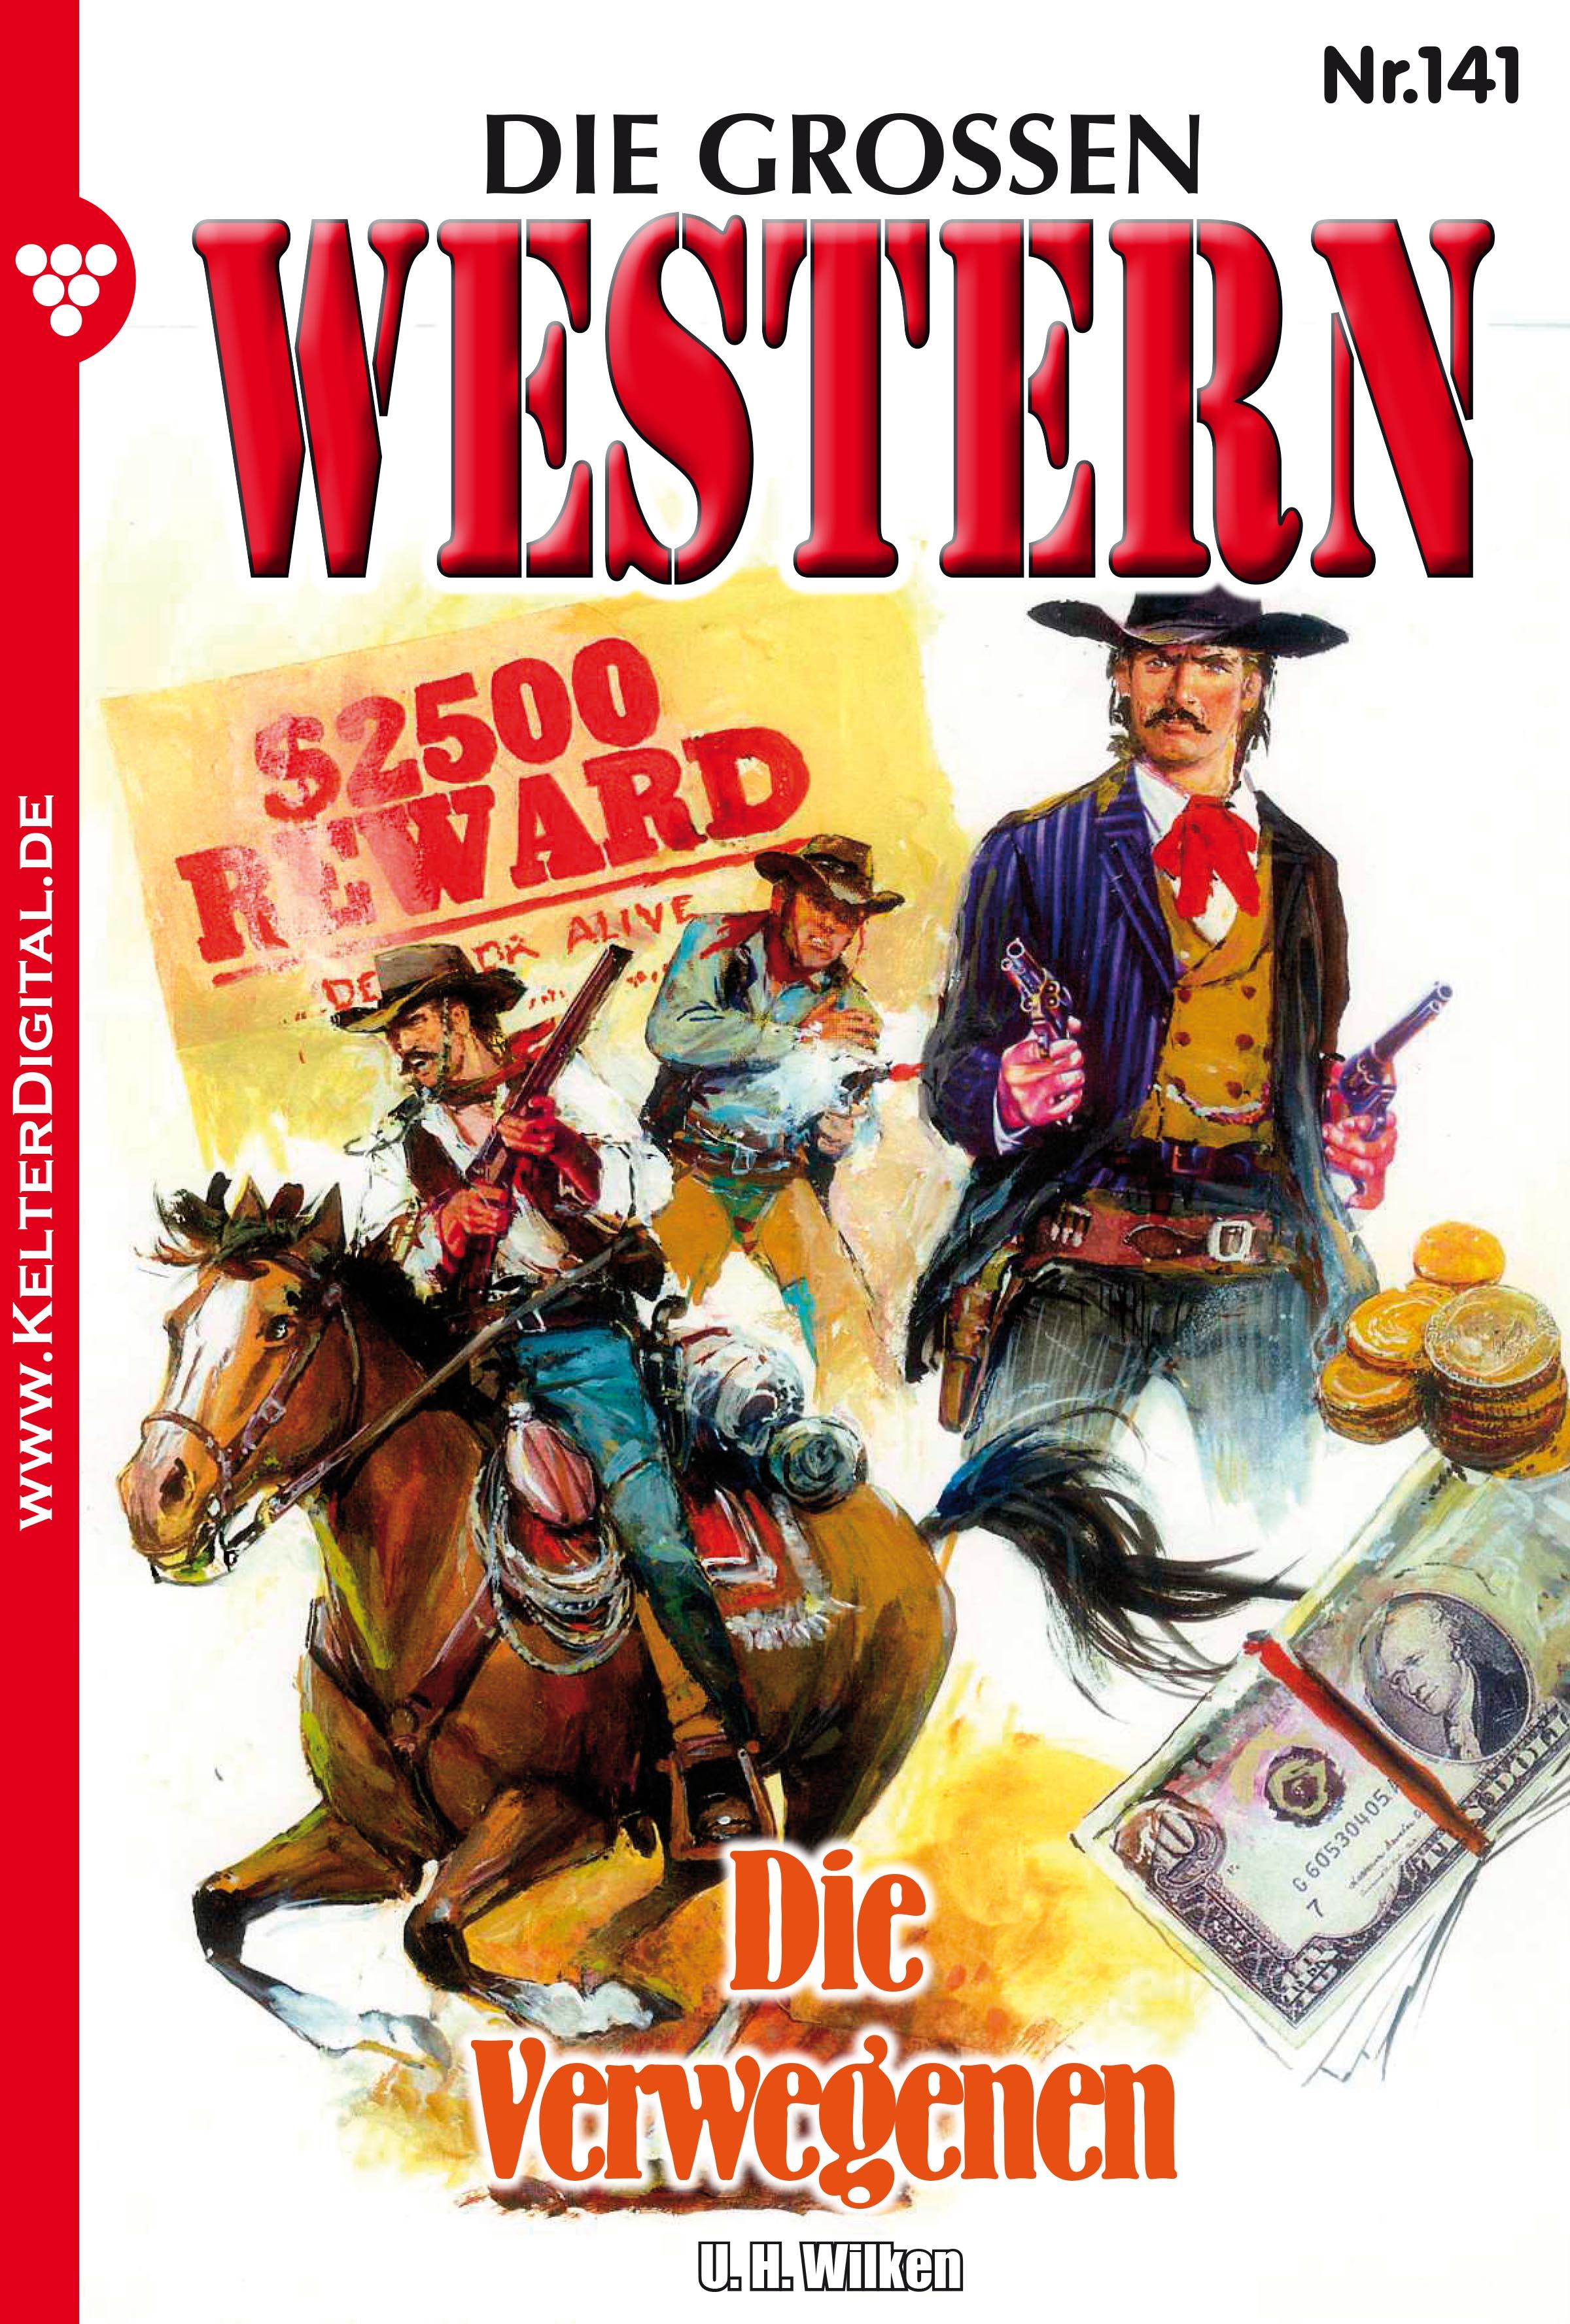 U.H. Wilken Die großen Western 141 joe juhnke die großen western 179